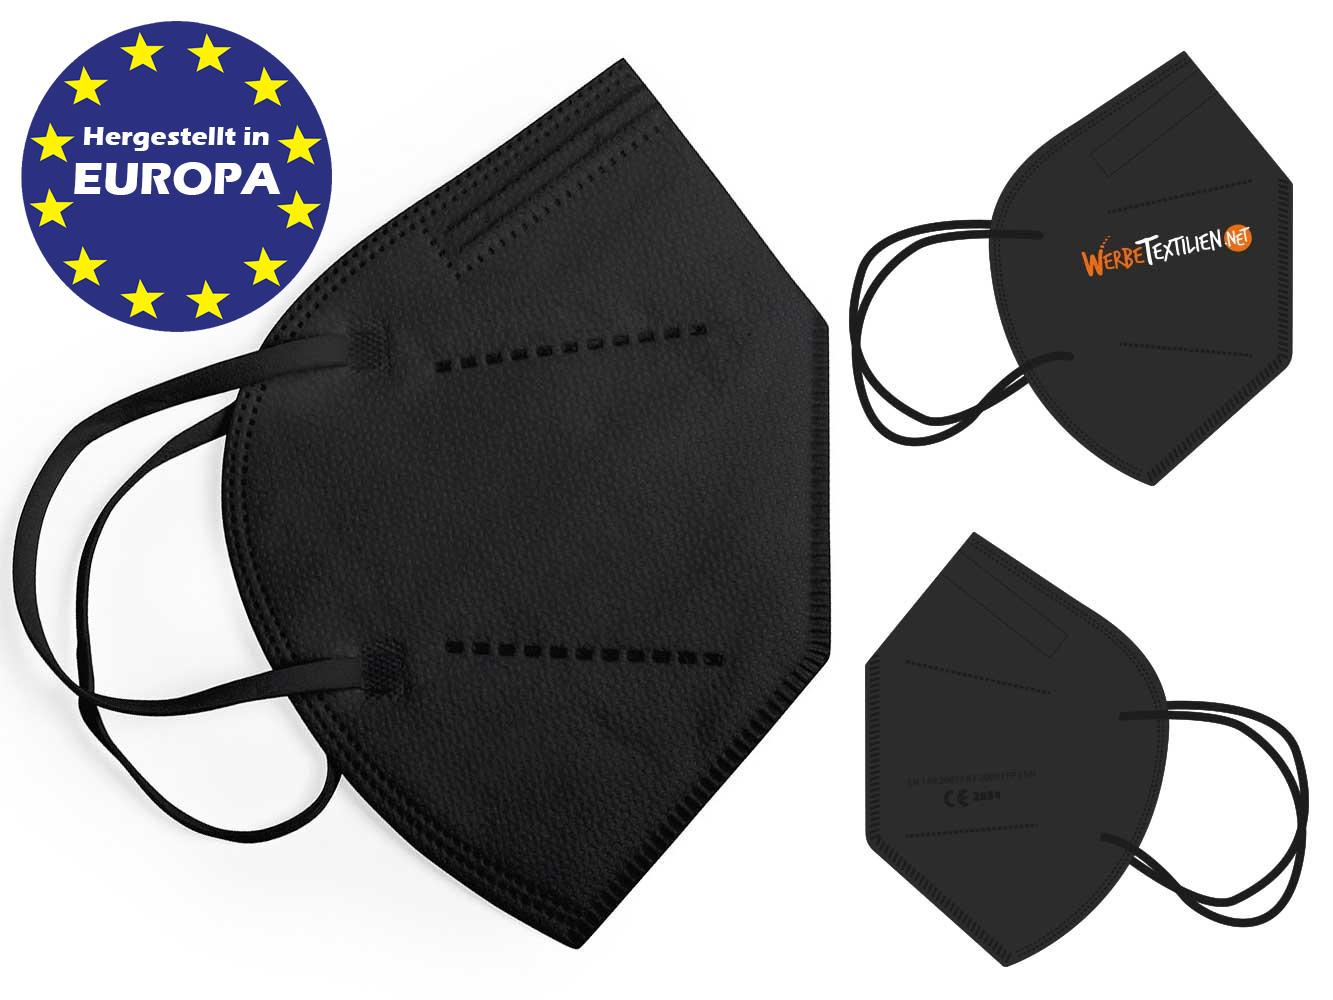 Schwarze FFP2 Masken mit Logo